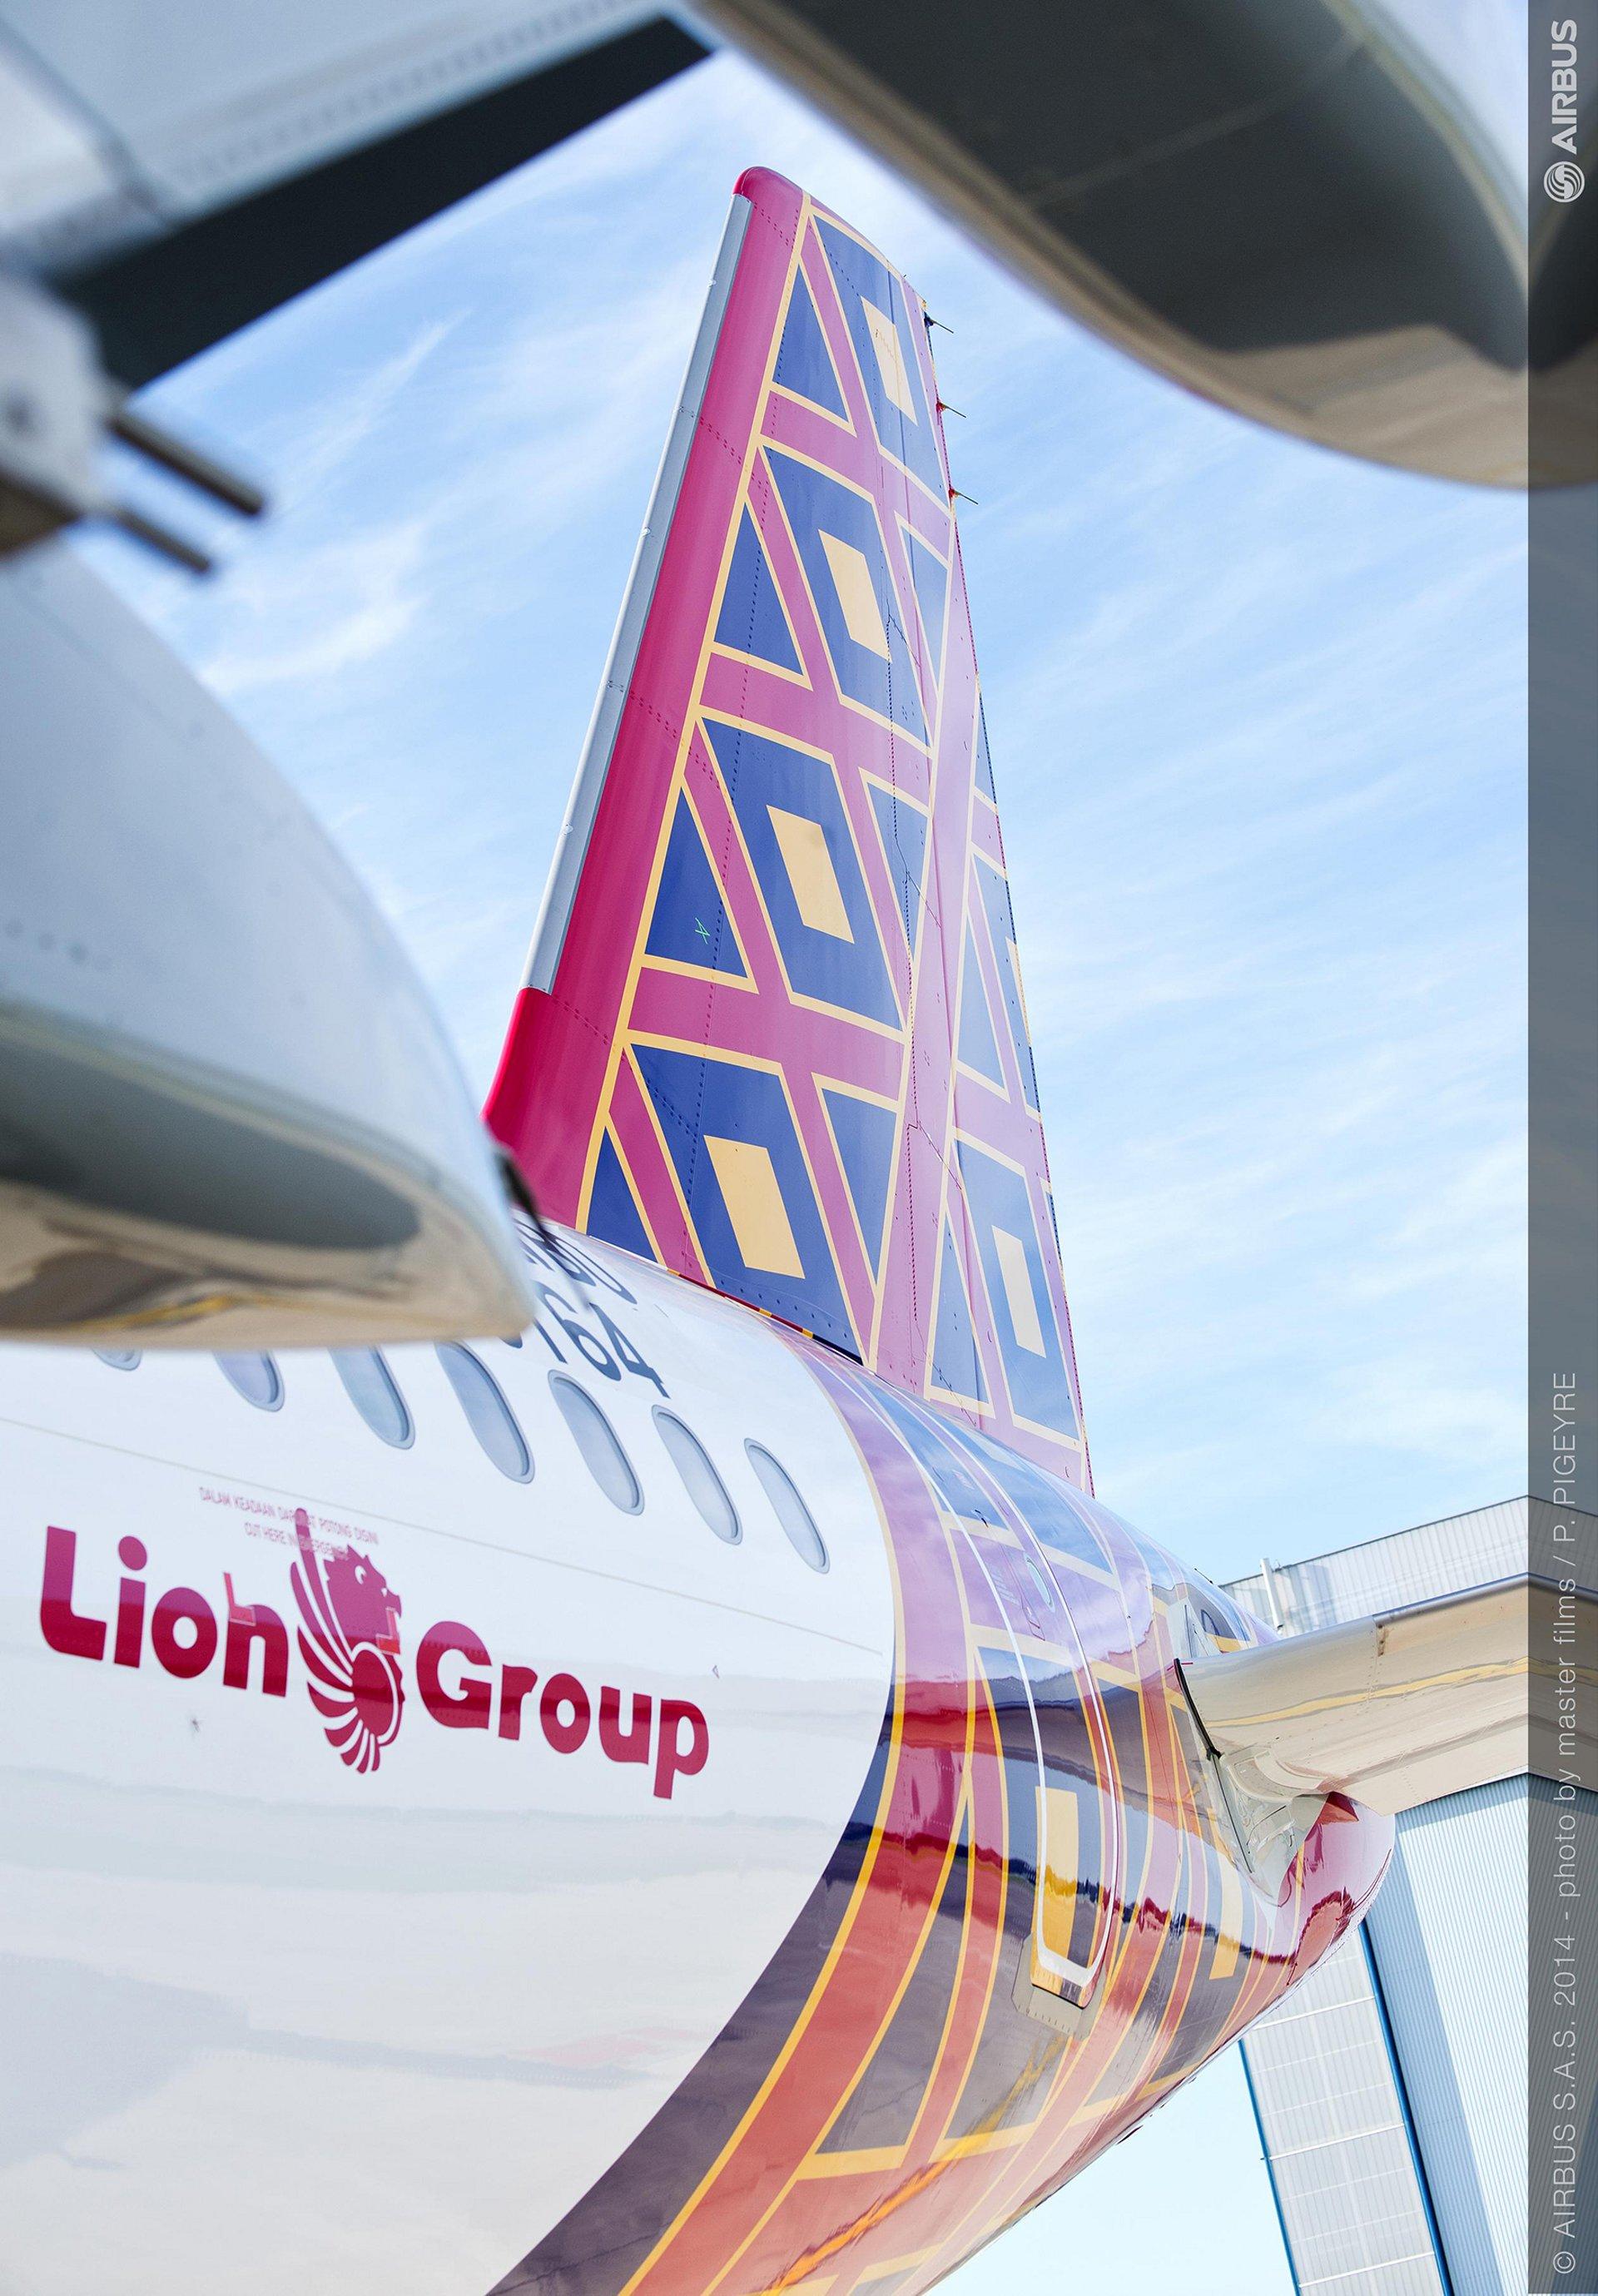 Lion Group / Batik Air A320 – 1